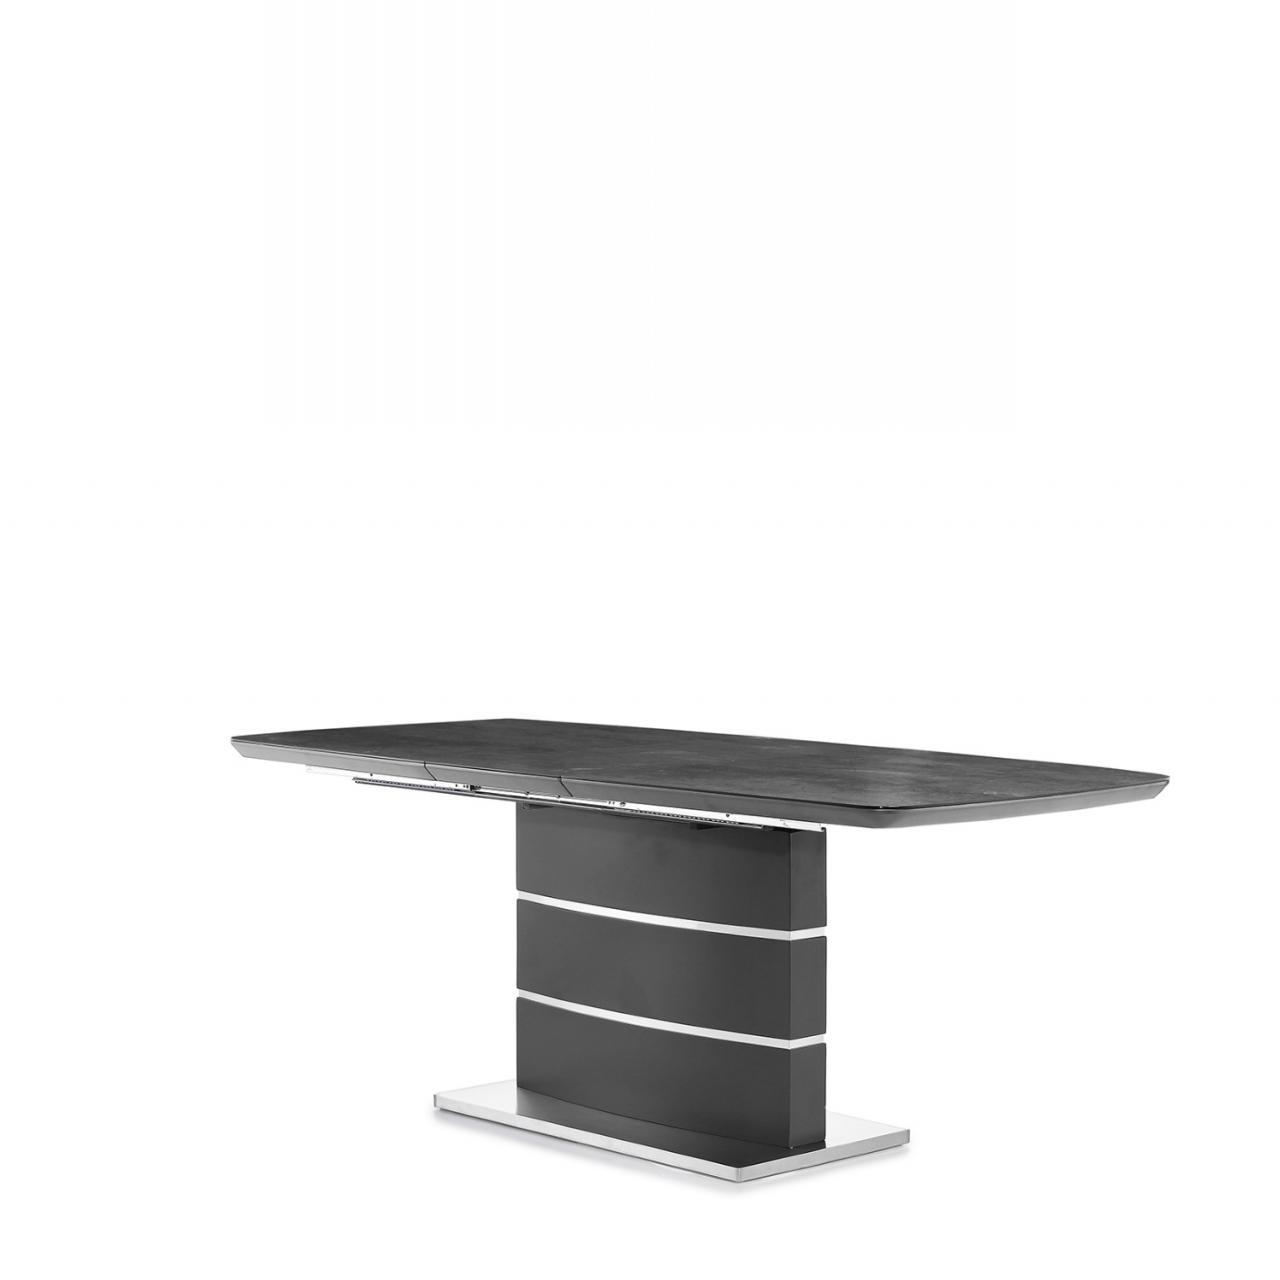 Esstisch Joana Glas grau MDF Synchronauszug Edelstahl Fußplatte Küchentisch